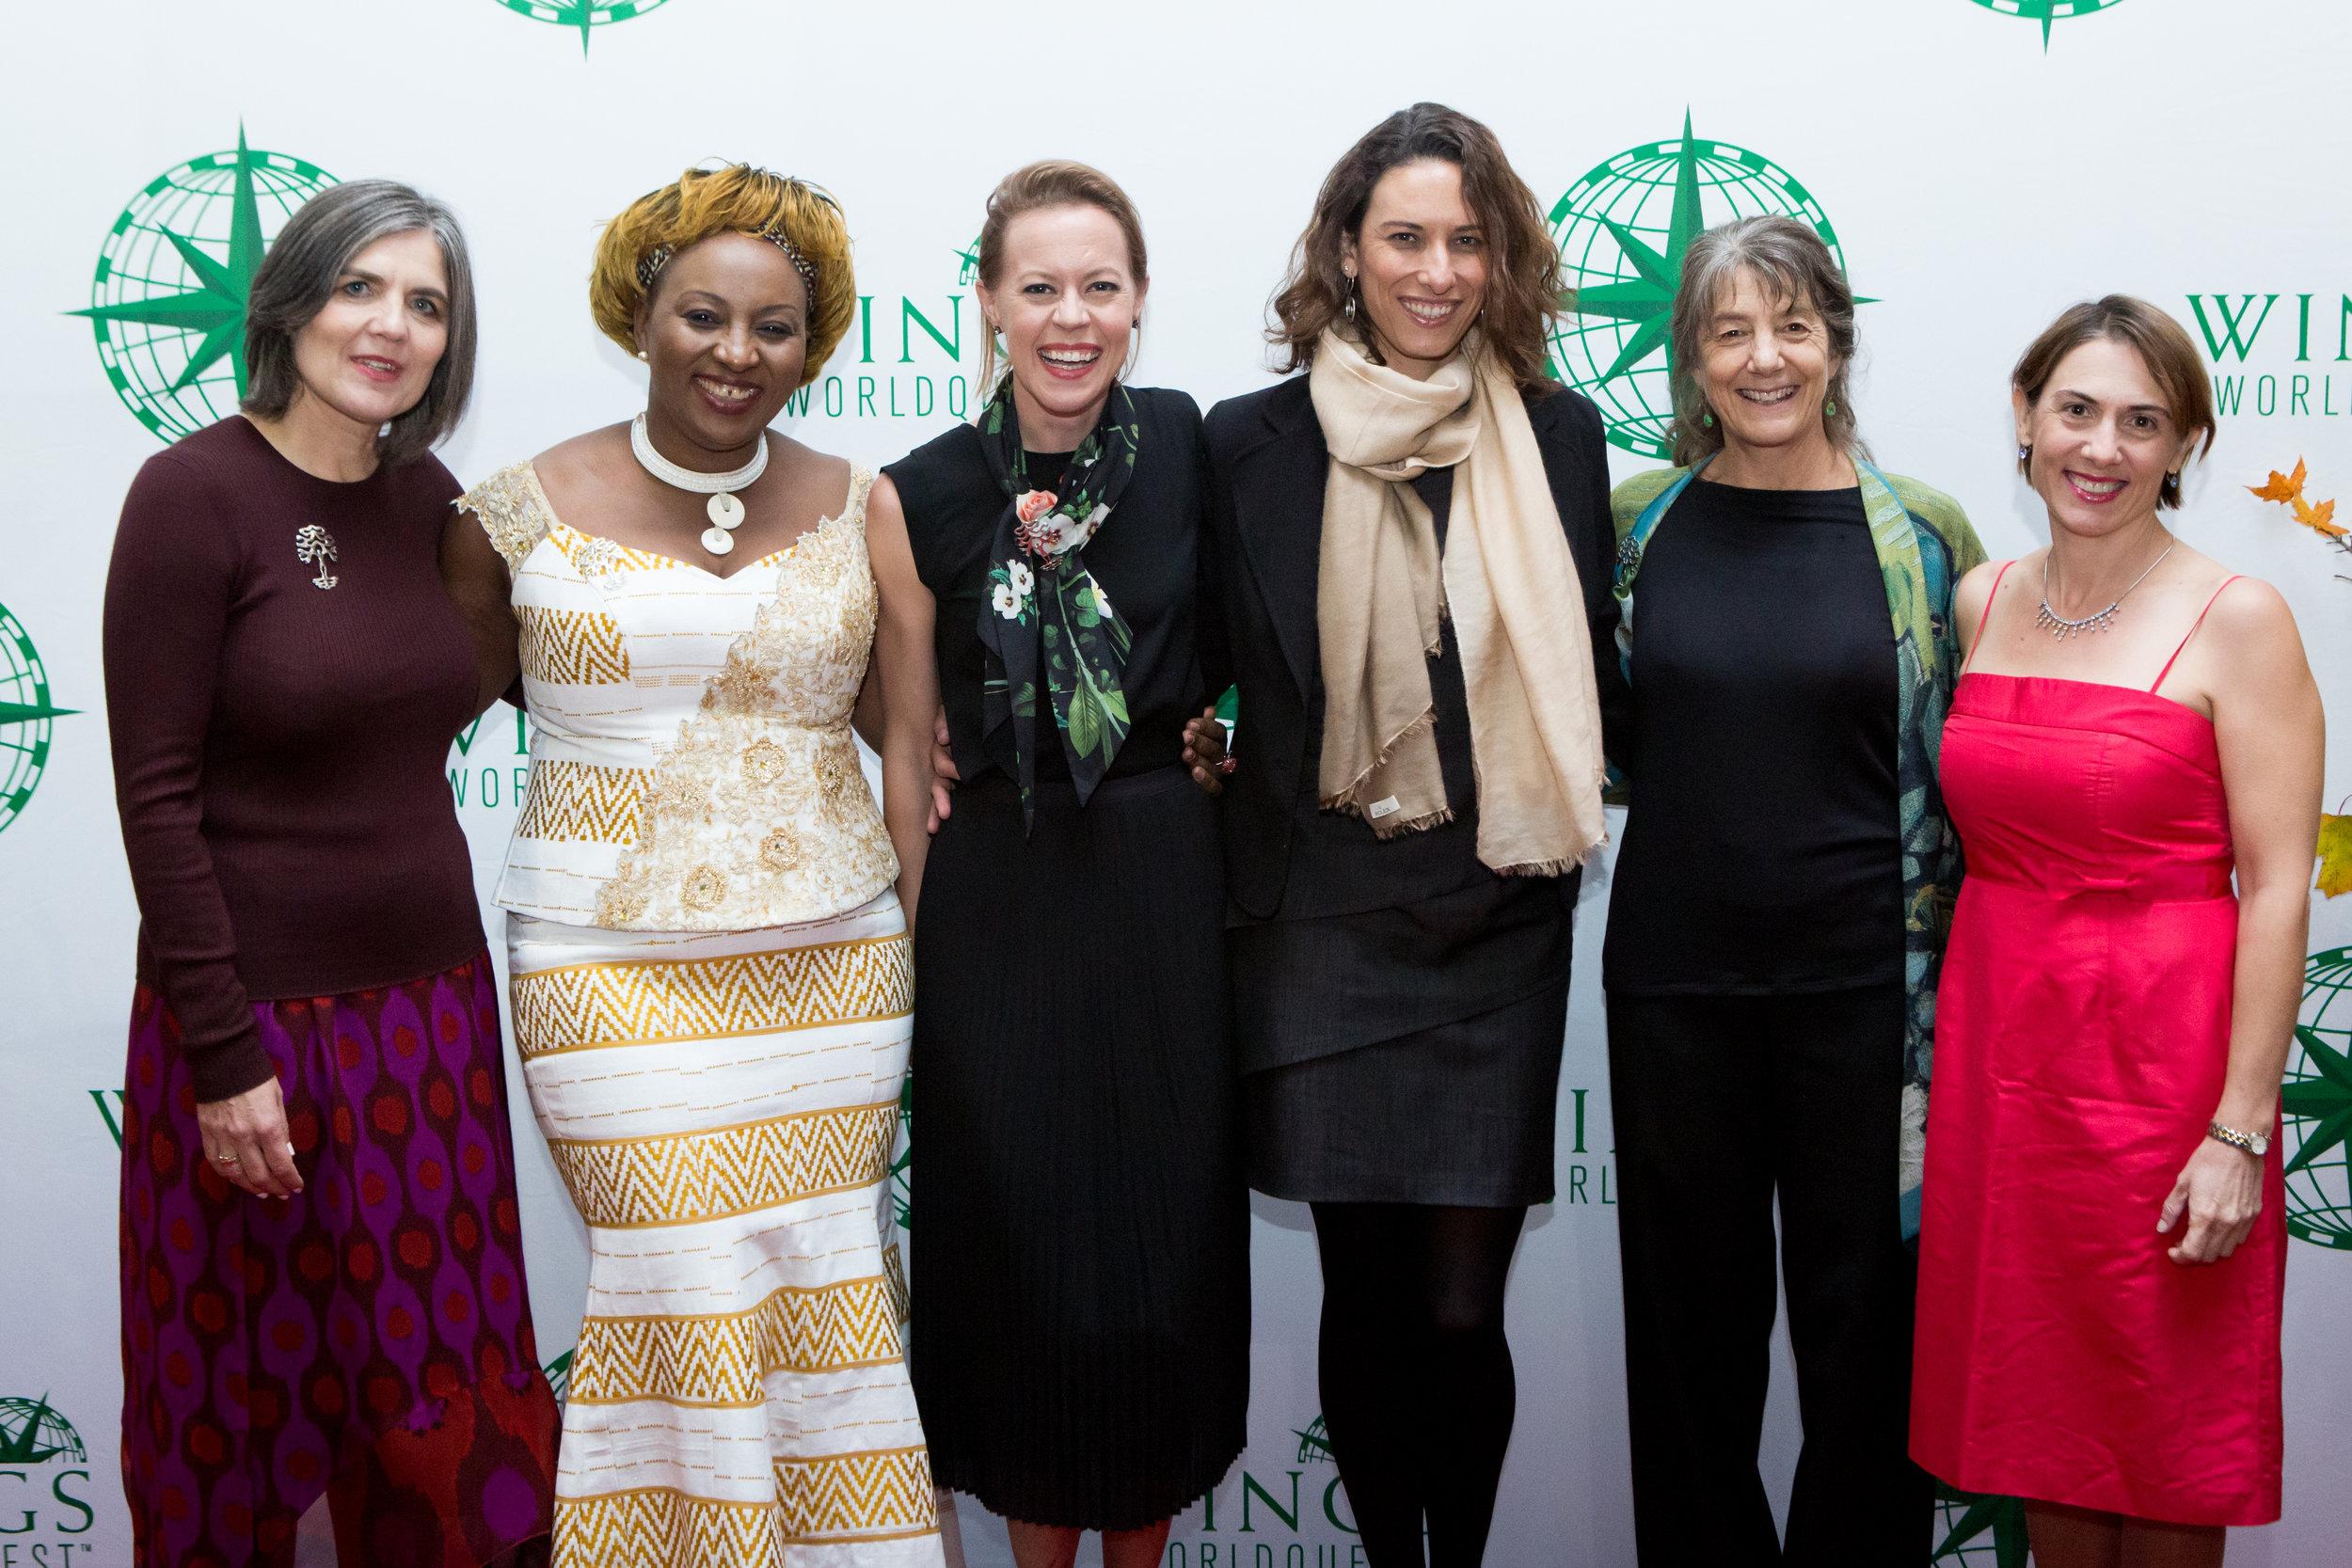 2016 Women of Discovery from Left to Right: Beate Liepert, Sheila Ochugboju, Kristen Marhaver, Juliana Machado Ferreira, Marla Spivak, Hope Jahren